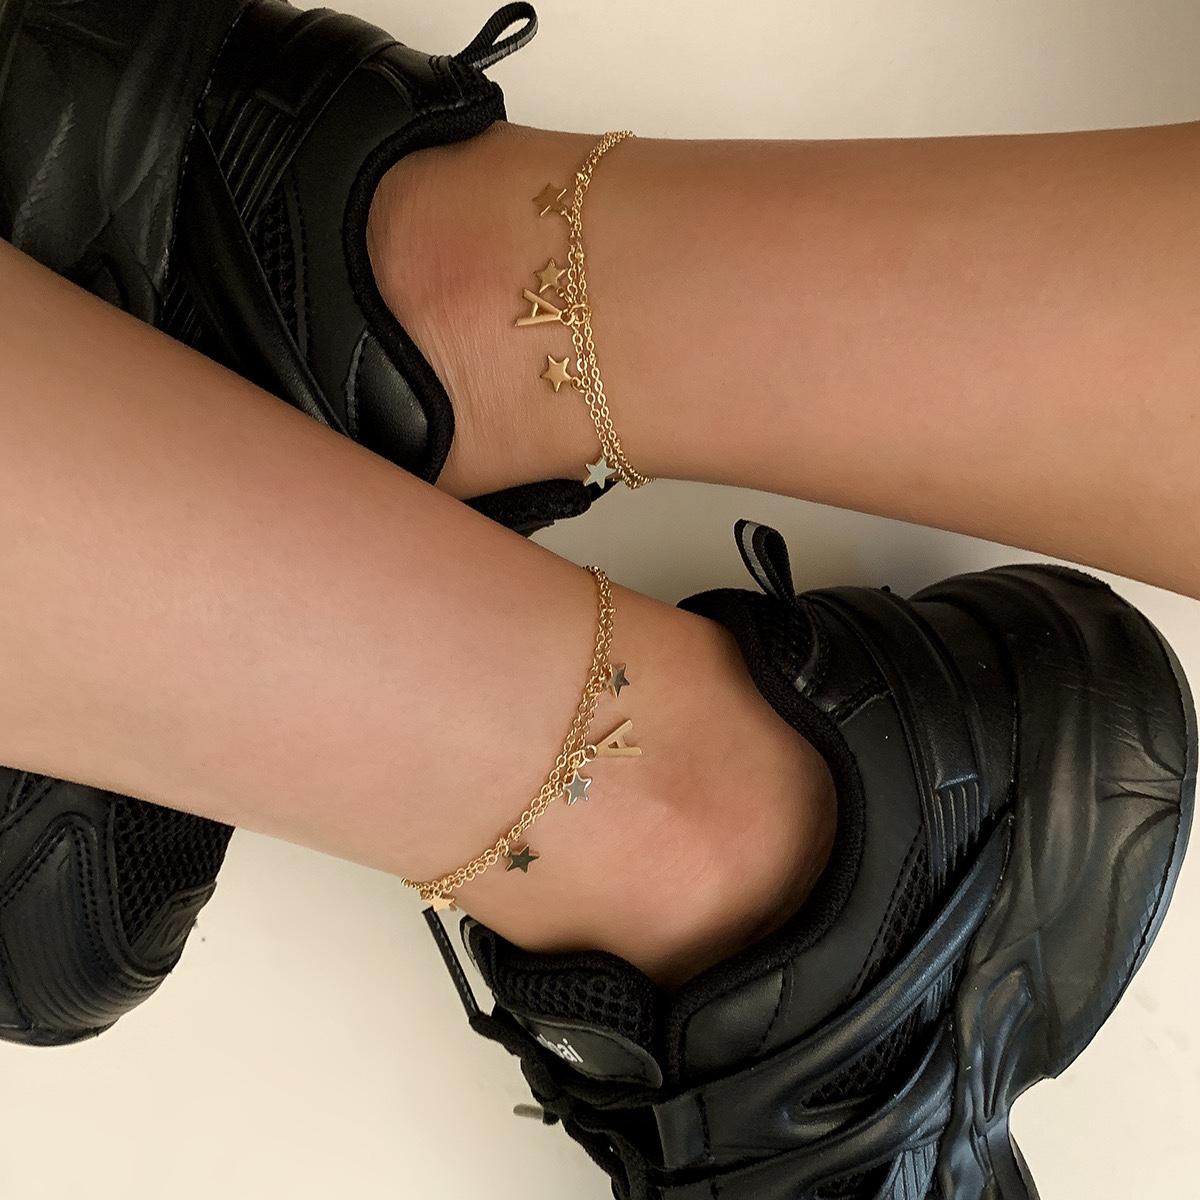 五角星字母流苏金属脚链女夏 海边度假欧美个性明星同款洋气脚链